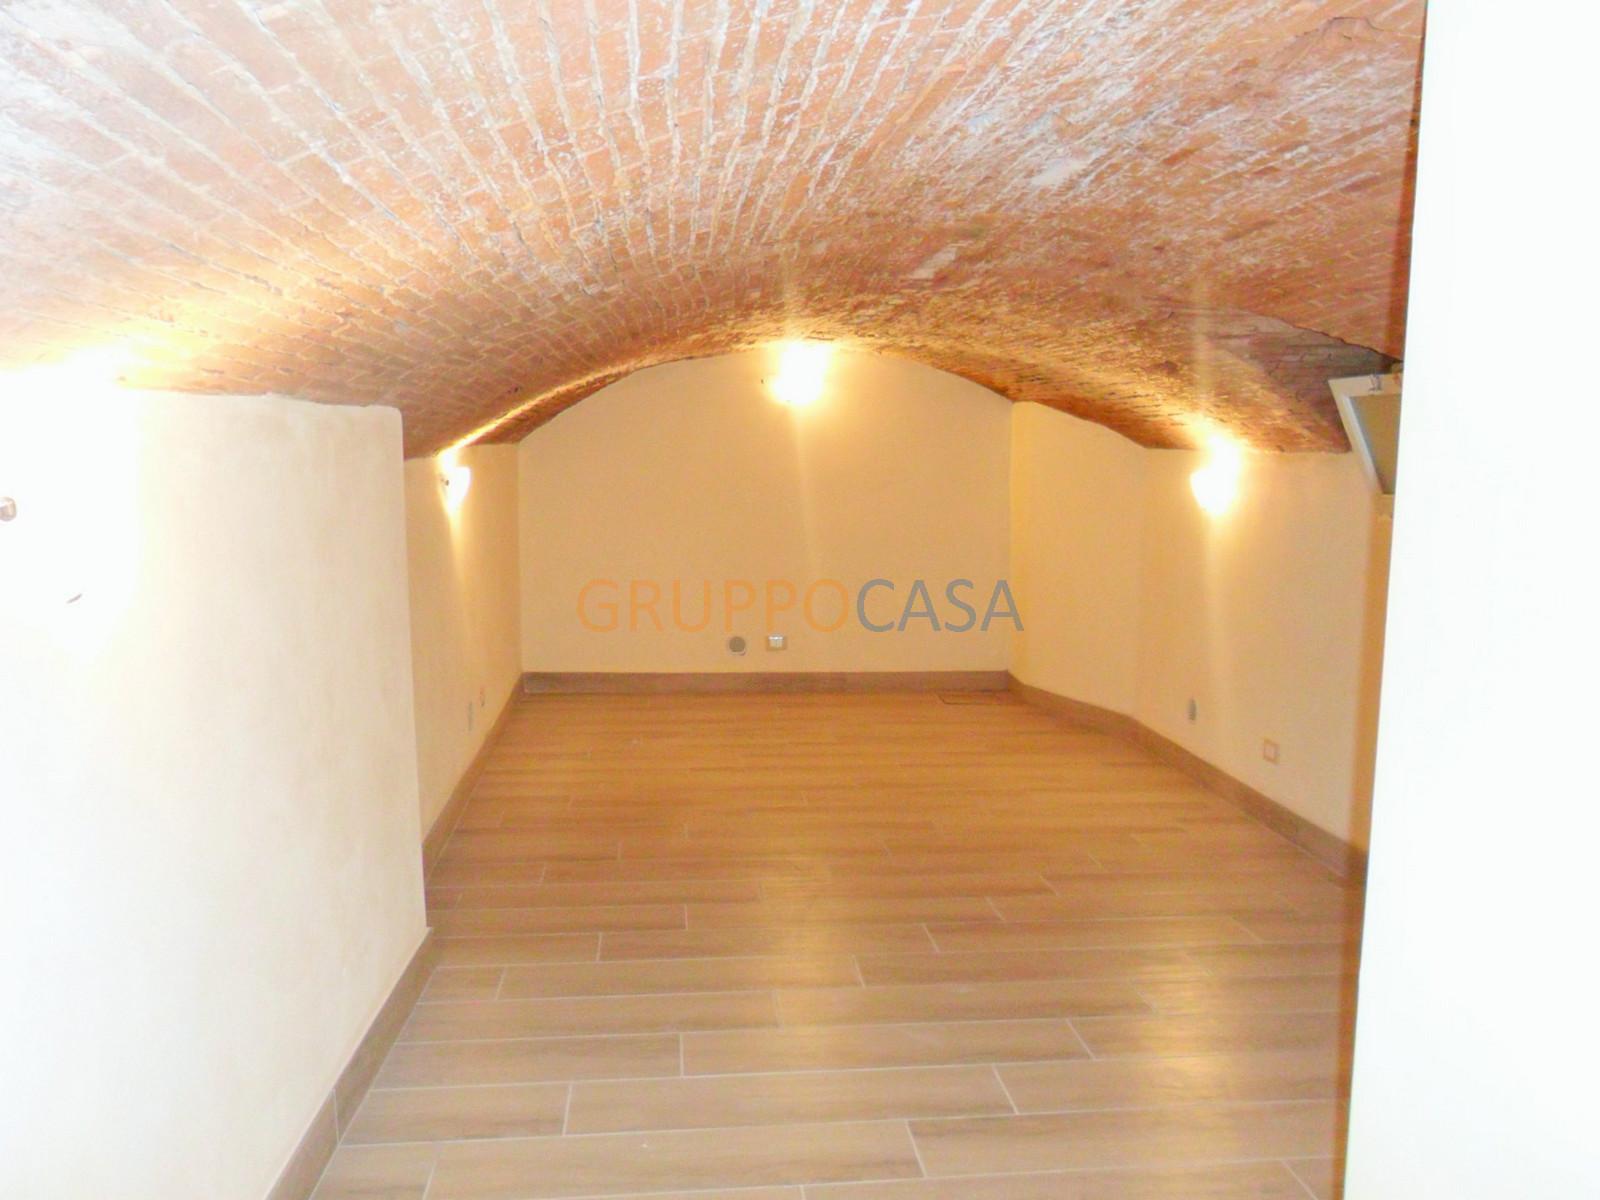 Ufficio / Studio in vendita a Pescia, 9999 locali, zona Località: Centro, prezzo € 95.000 | CambioCasa.it